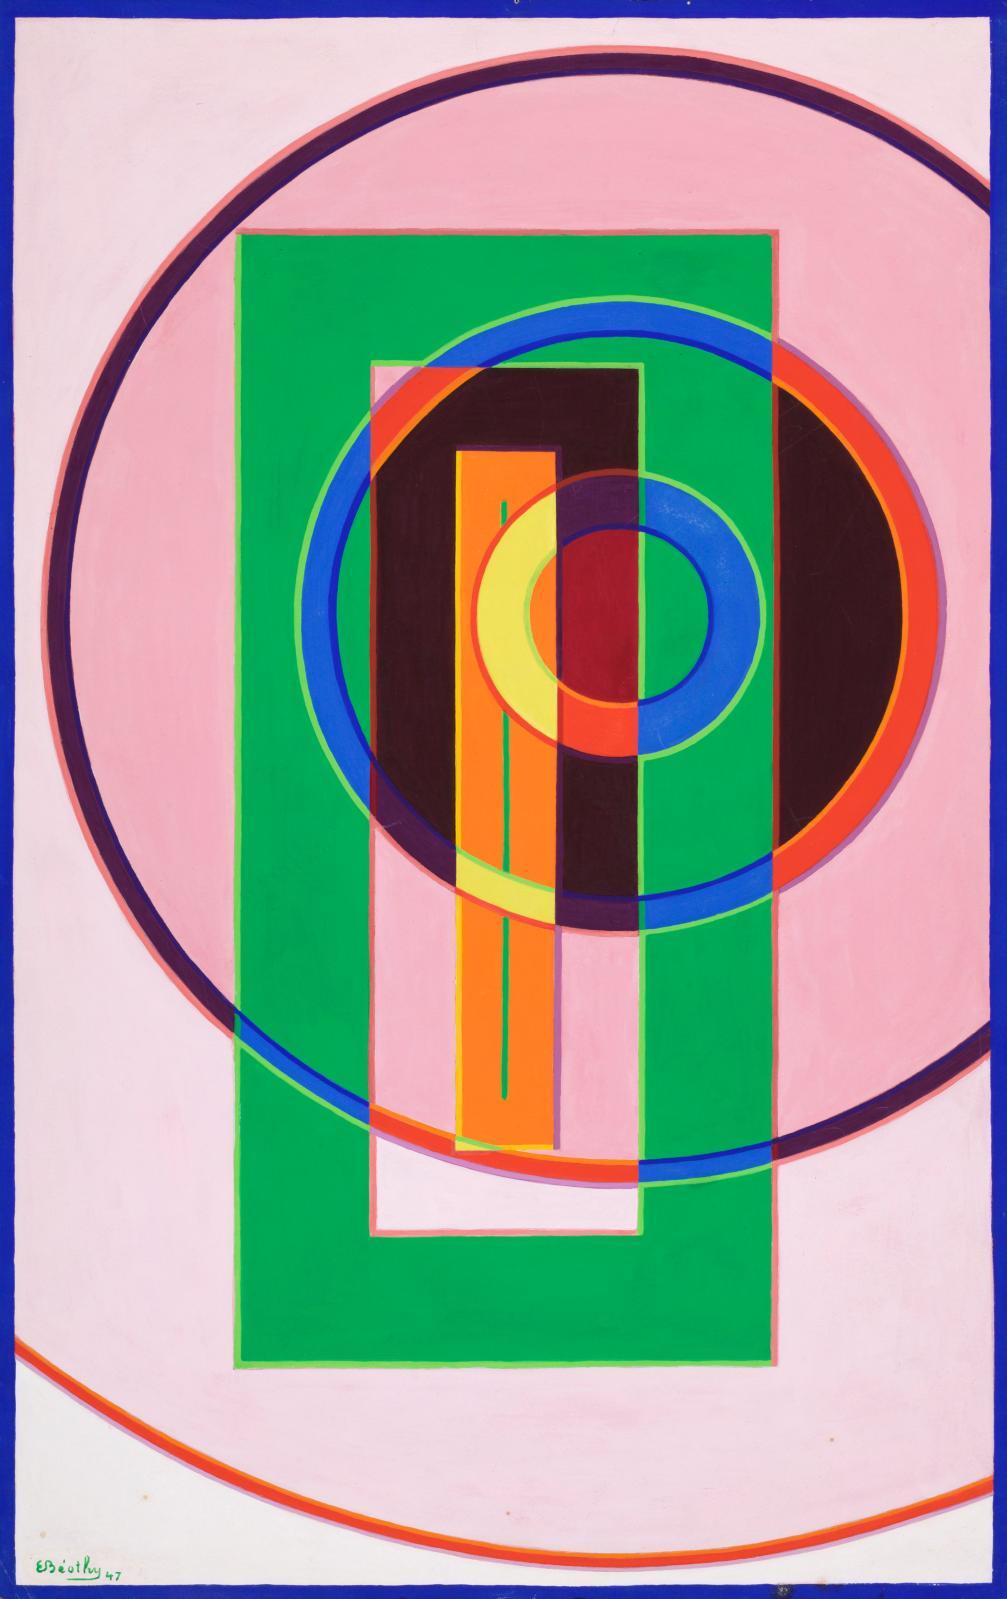 Étienne Béothy, Composition, 1947, gouache on paper, 65,8 x 41 cm, galerie Le Minotaure.COURTESY GALERIE LE MINOTAURE